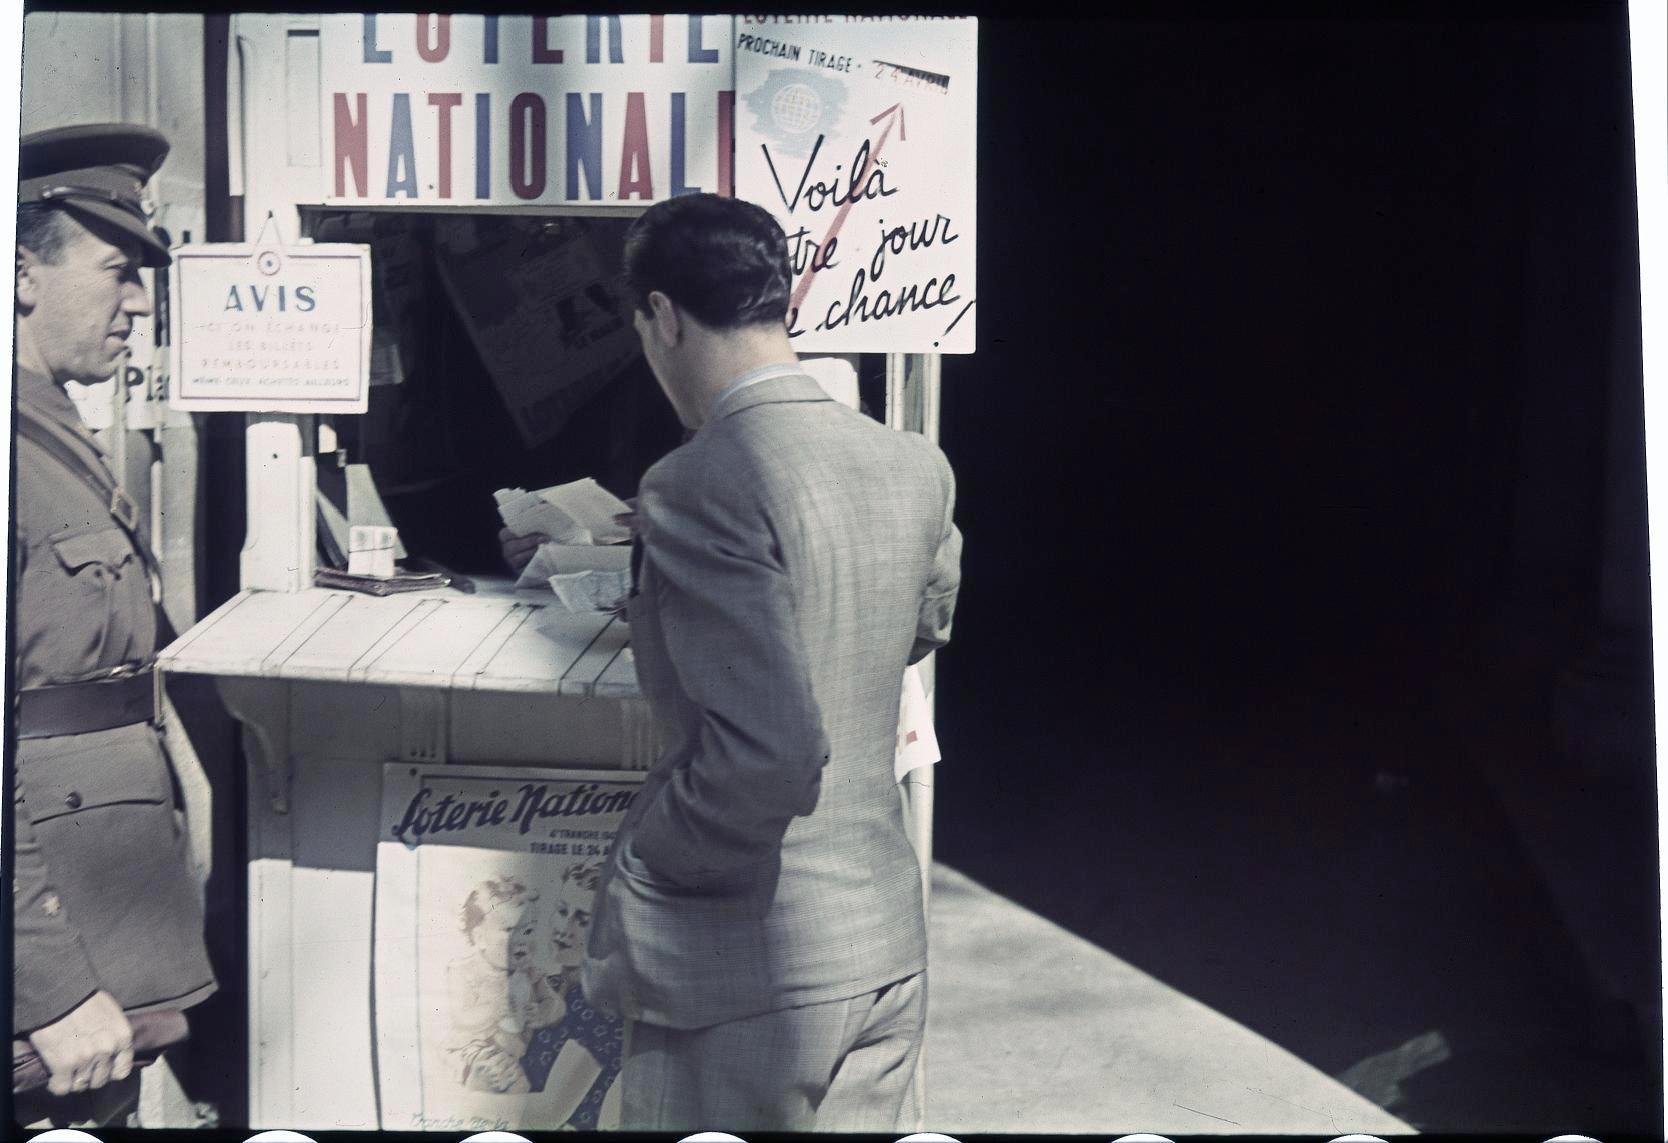 Немецкий солдат возле киоска Национальной лотереи